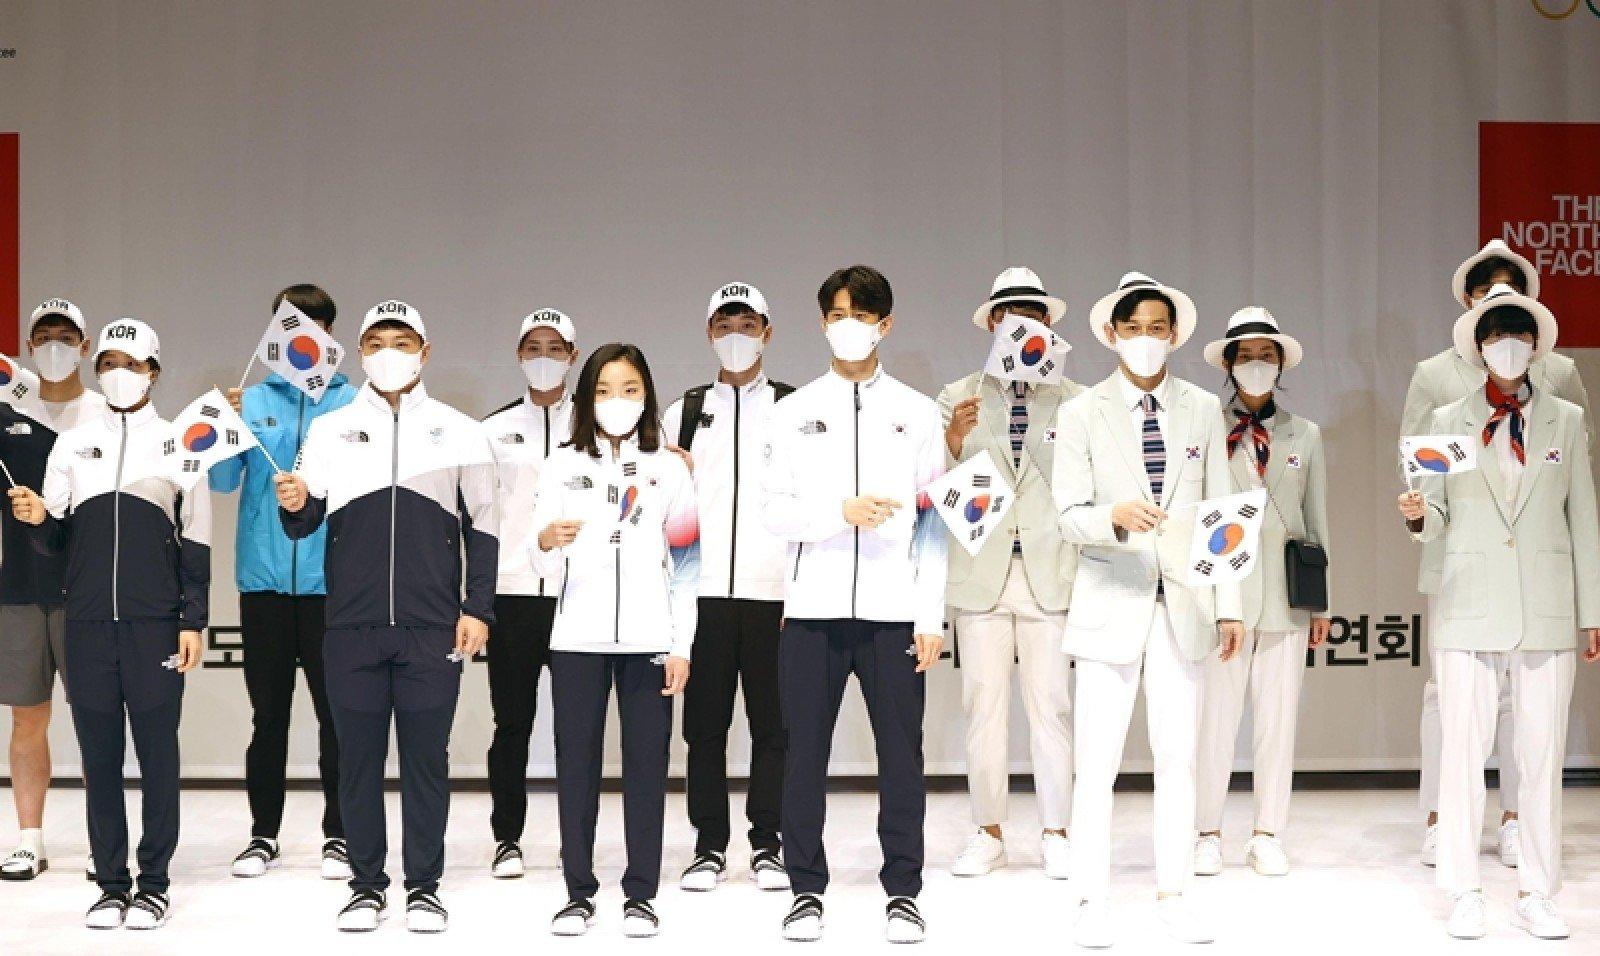 Hàn Quốc: Nhà sản xuất áo khoác ngoài The North Face, gần đây đã hợp tác bom tấn với nhà mốt sang trọng Gucci, đứng sau đồng phục của đội tuyển Hàn Quốc tại Thế vận hội Tokyo. Những bộ vest được thiết kế riêng với màu xanh ngọc và trắng, hai trong số những màu chính được sử dụng trong đồ sứ truyền thống của Hàn Quốc.